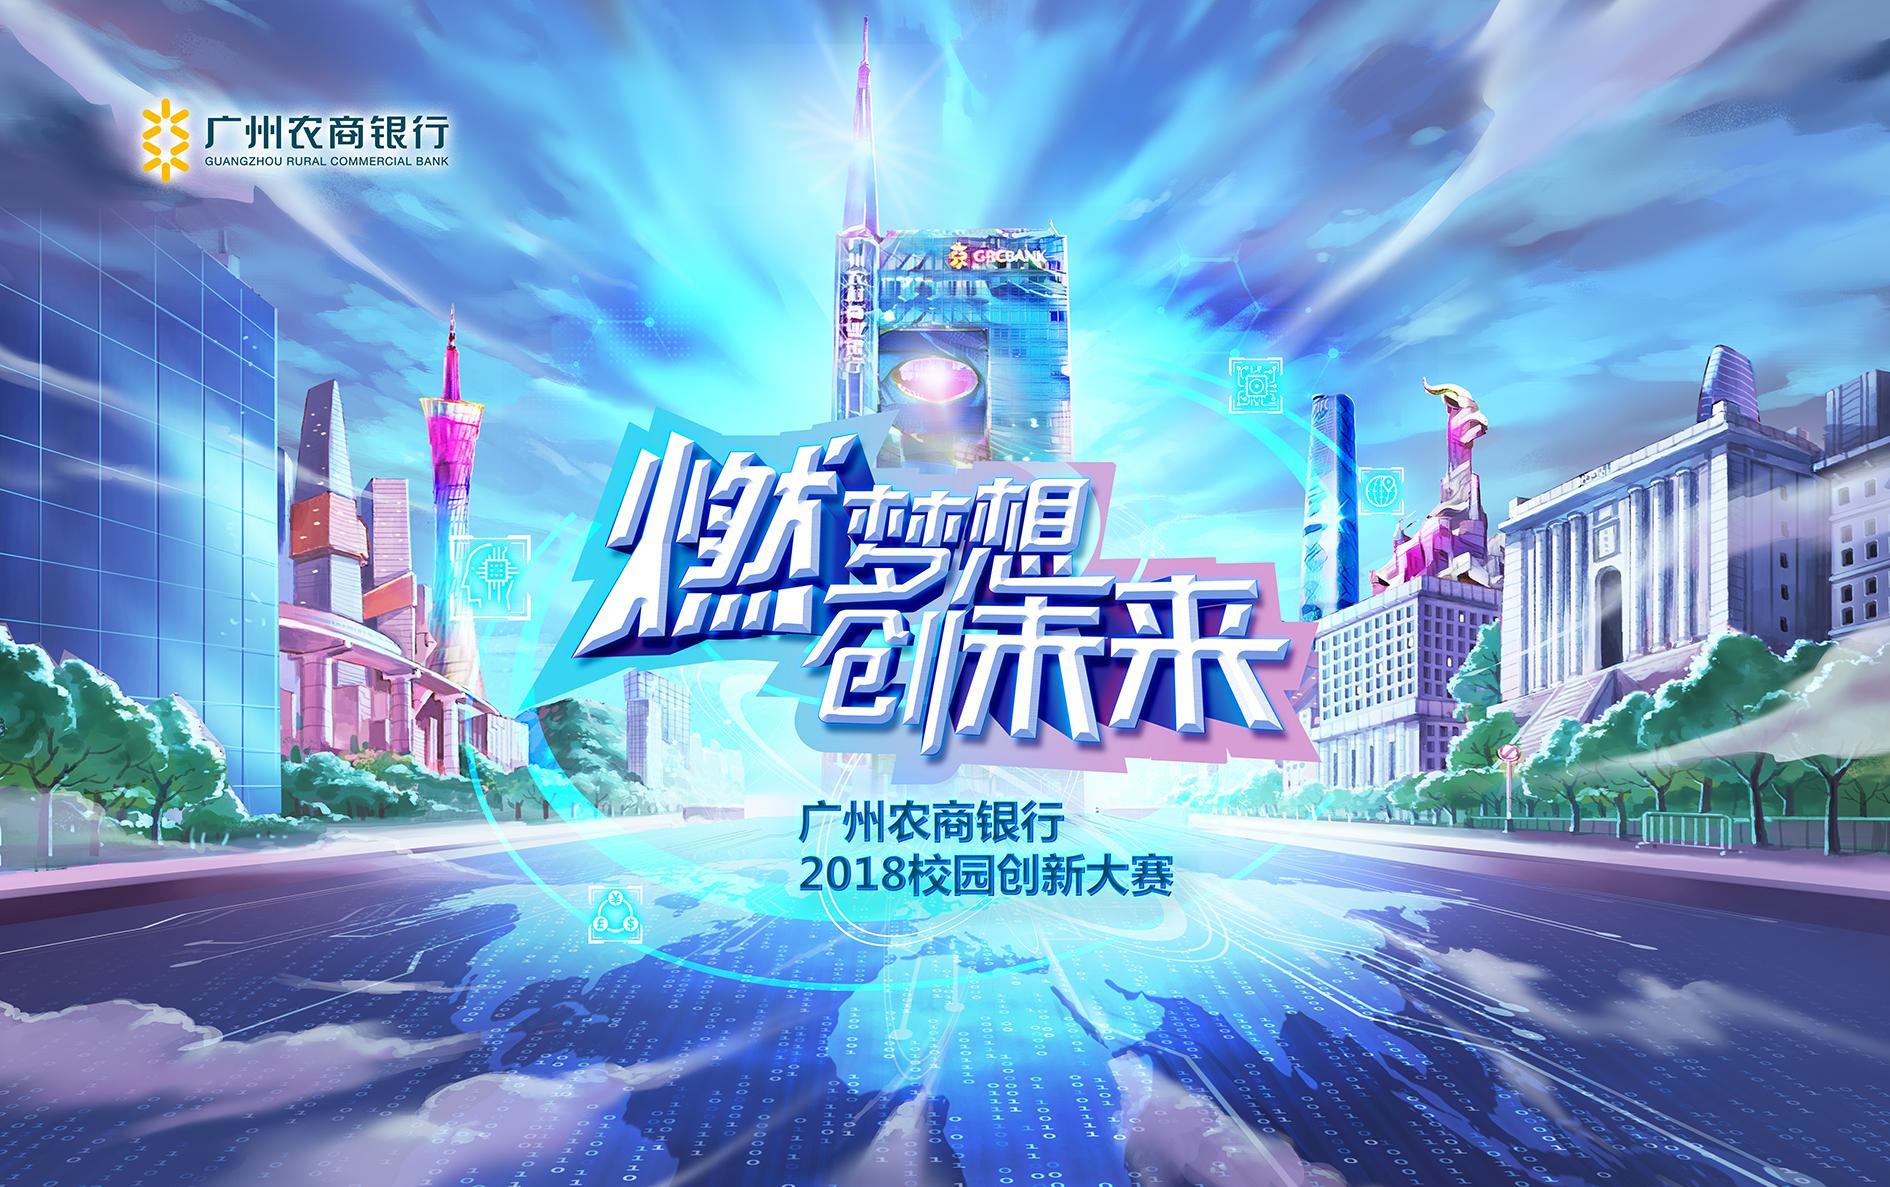 广州农商银行2018校园创新大赛线上说明会